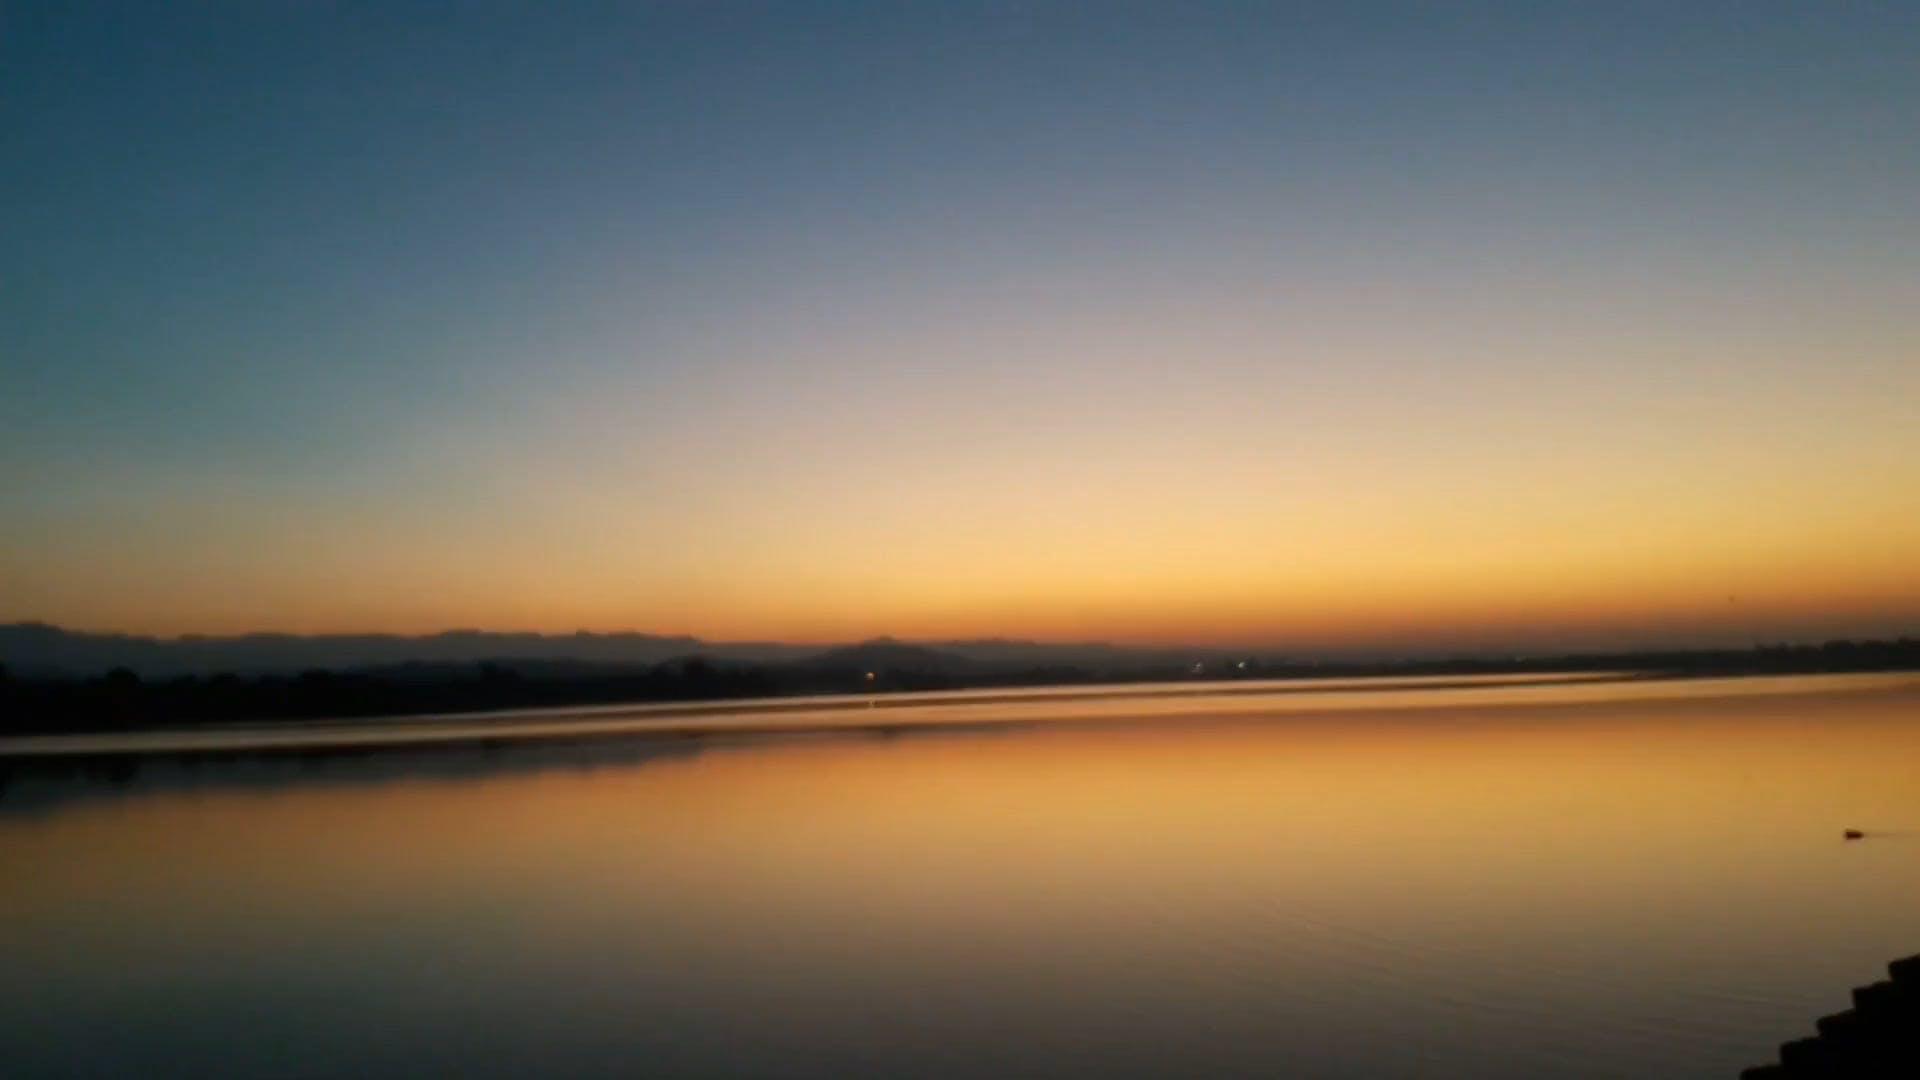 View Of A Lake At Sunset